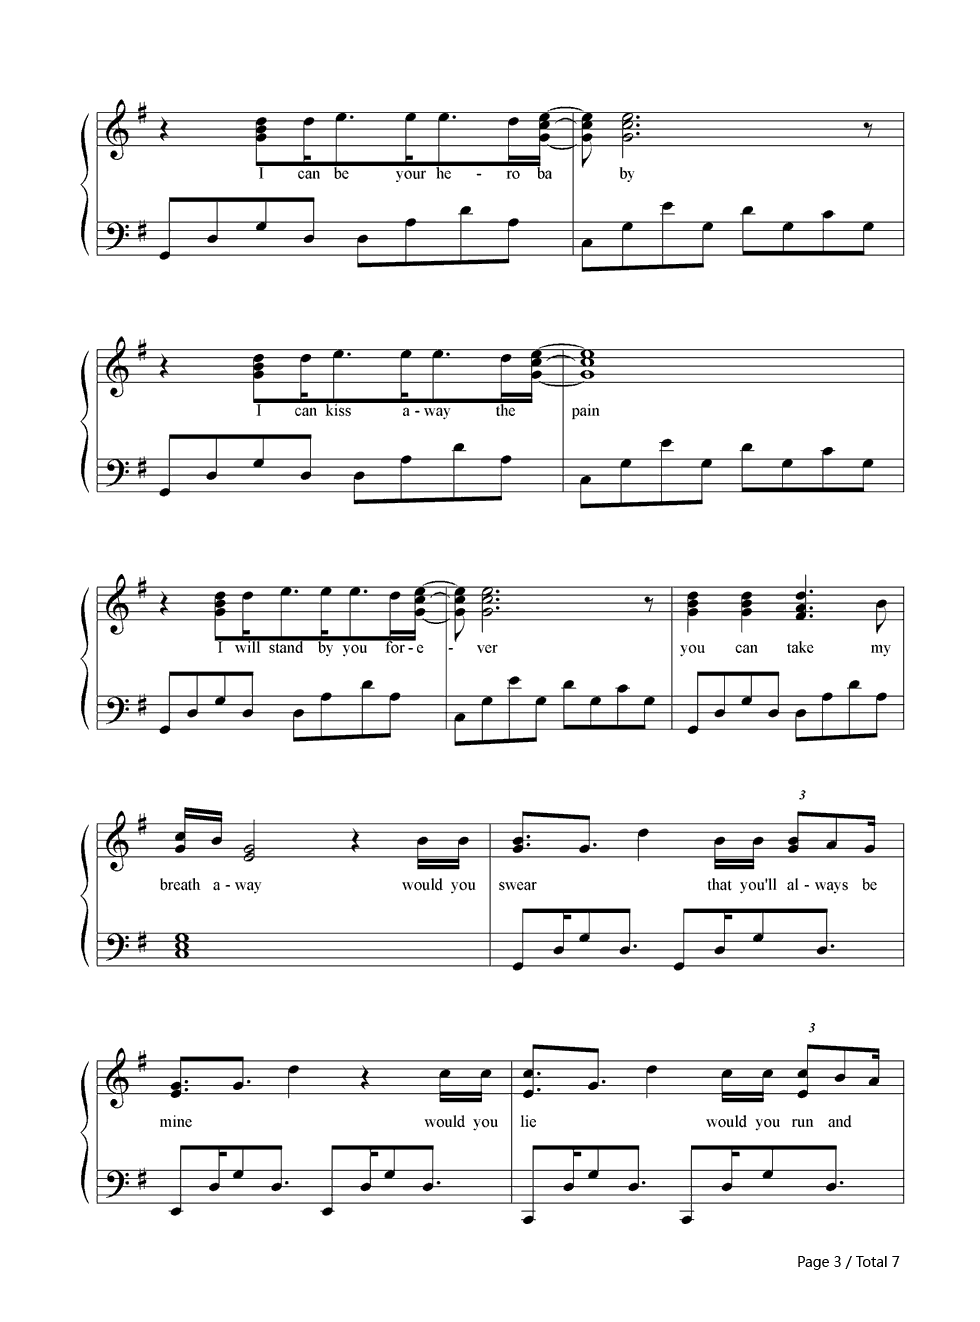 Contemporary Guitar Chords For Hero By Enrique Iglesias Mold